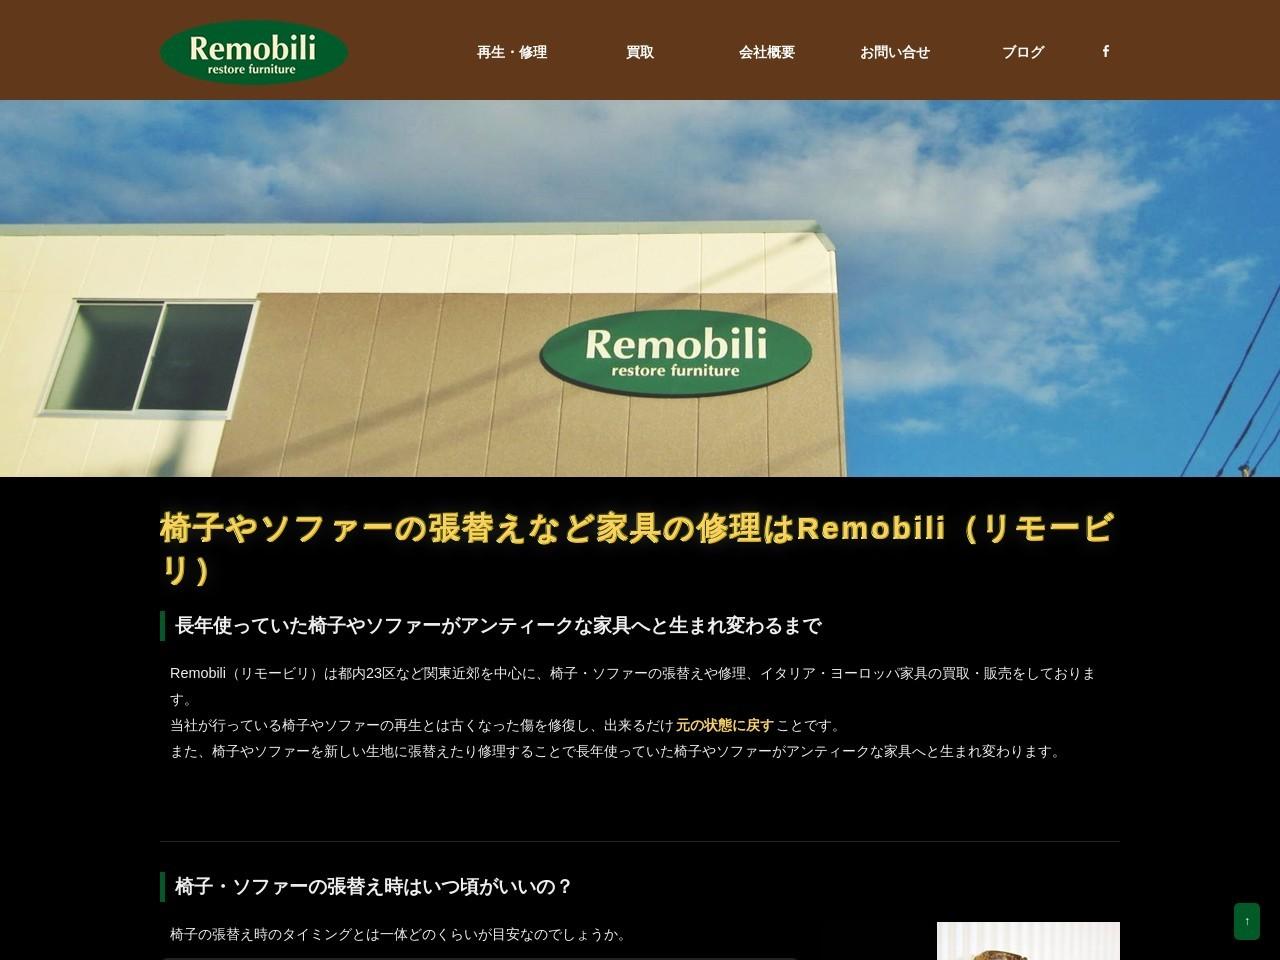 リモービリ株式会社